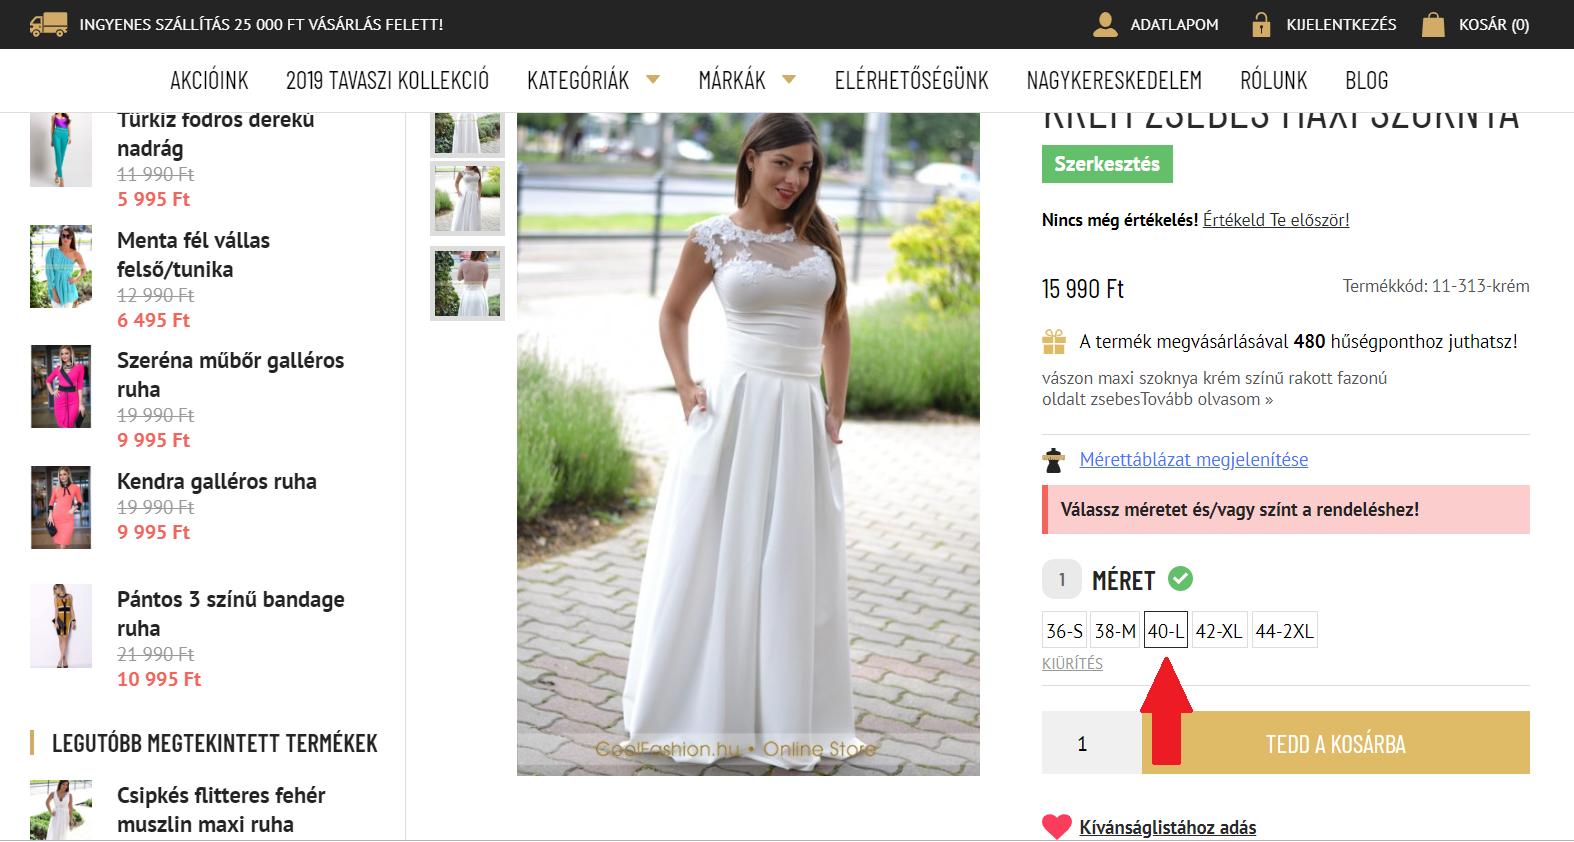 90495ad6ca Minden amit a vásárlásról tudni kell - Cool Fashion